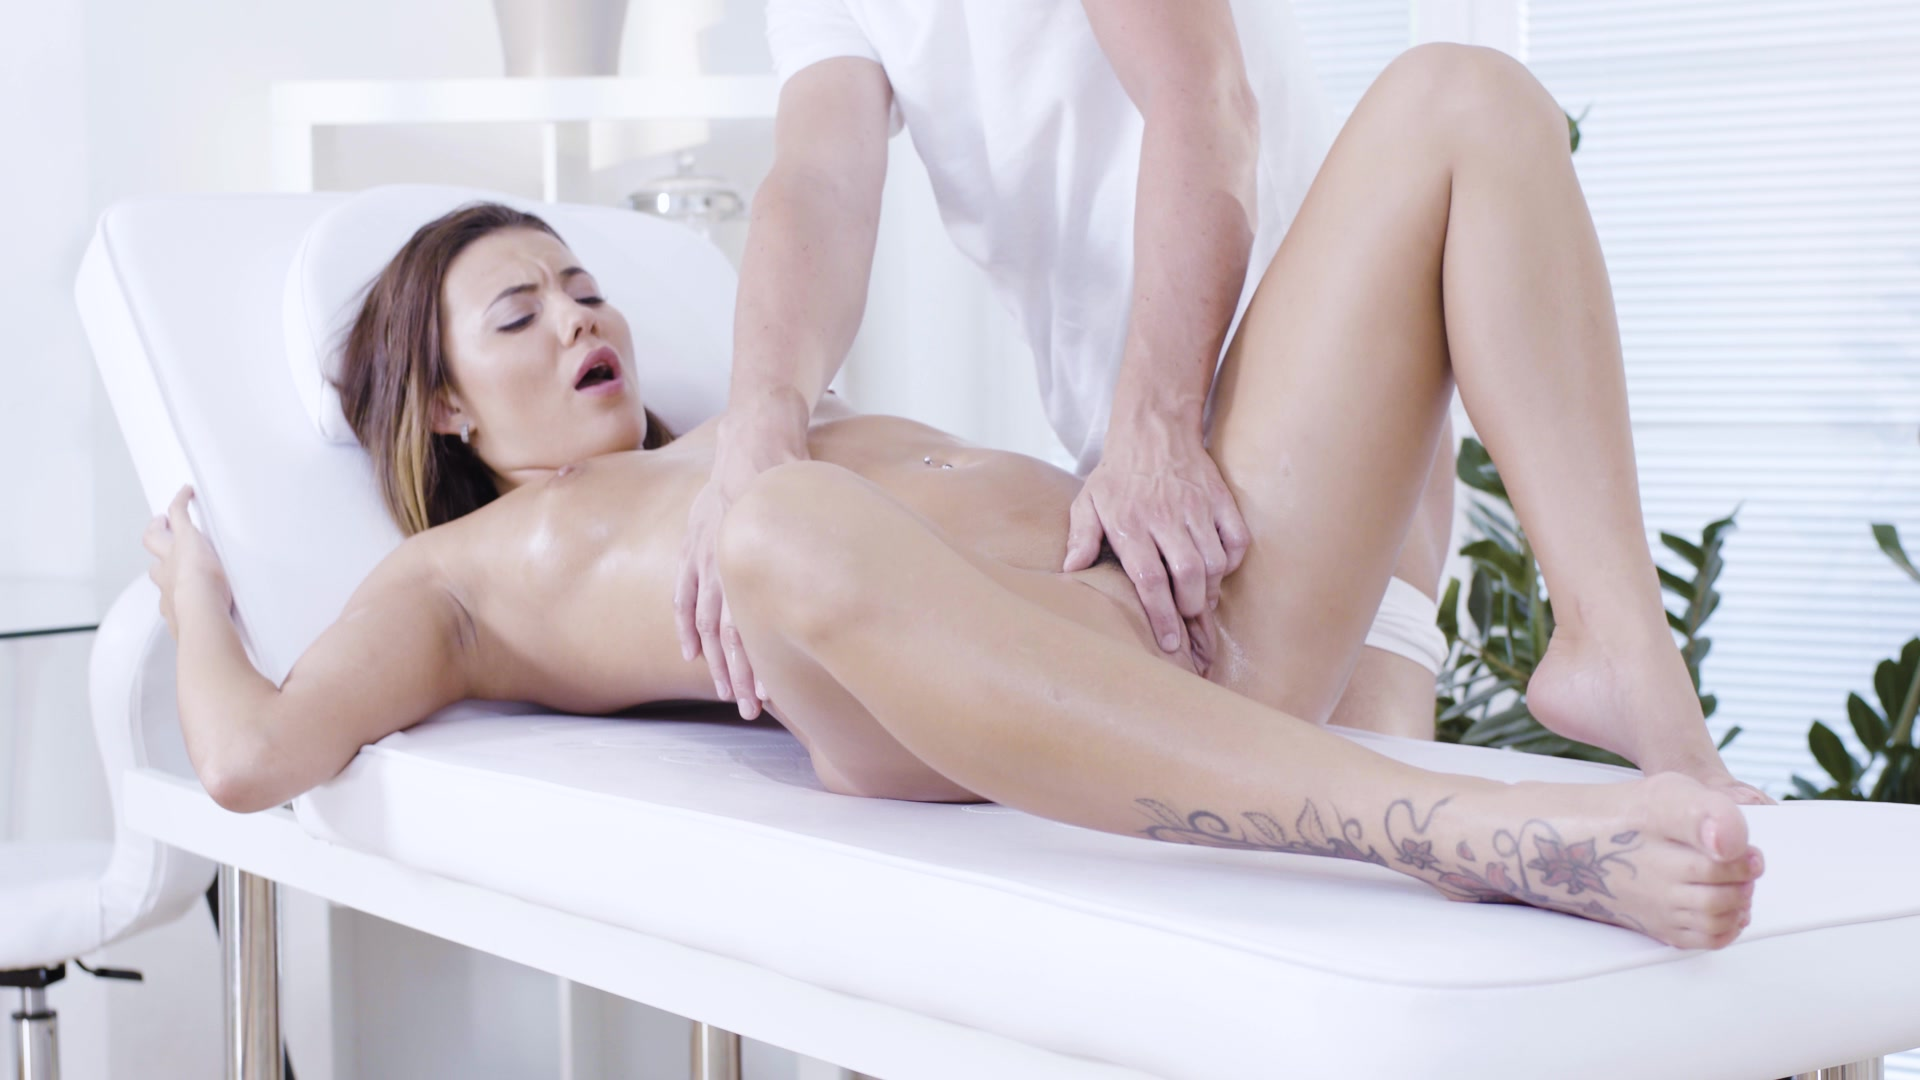 Порно фото галереи с увеличением, порно ролики толстушки в колготках